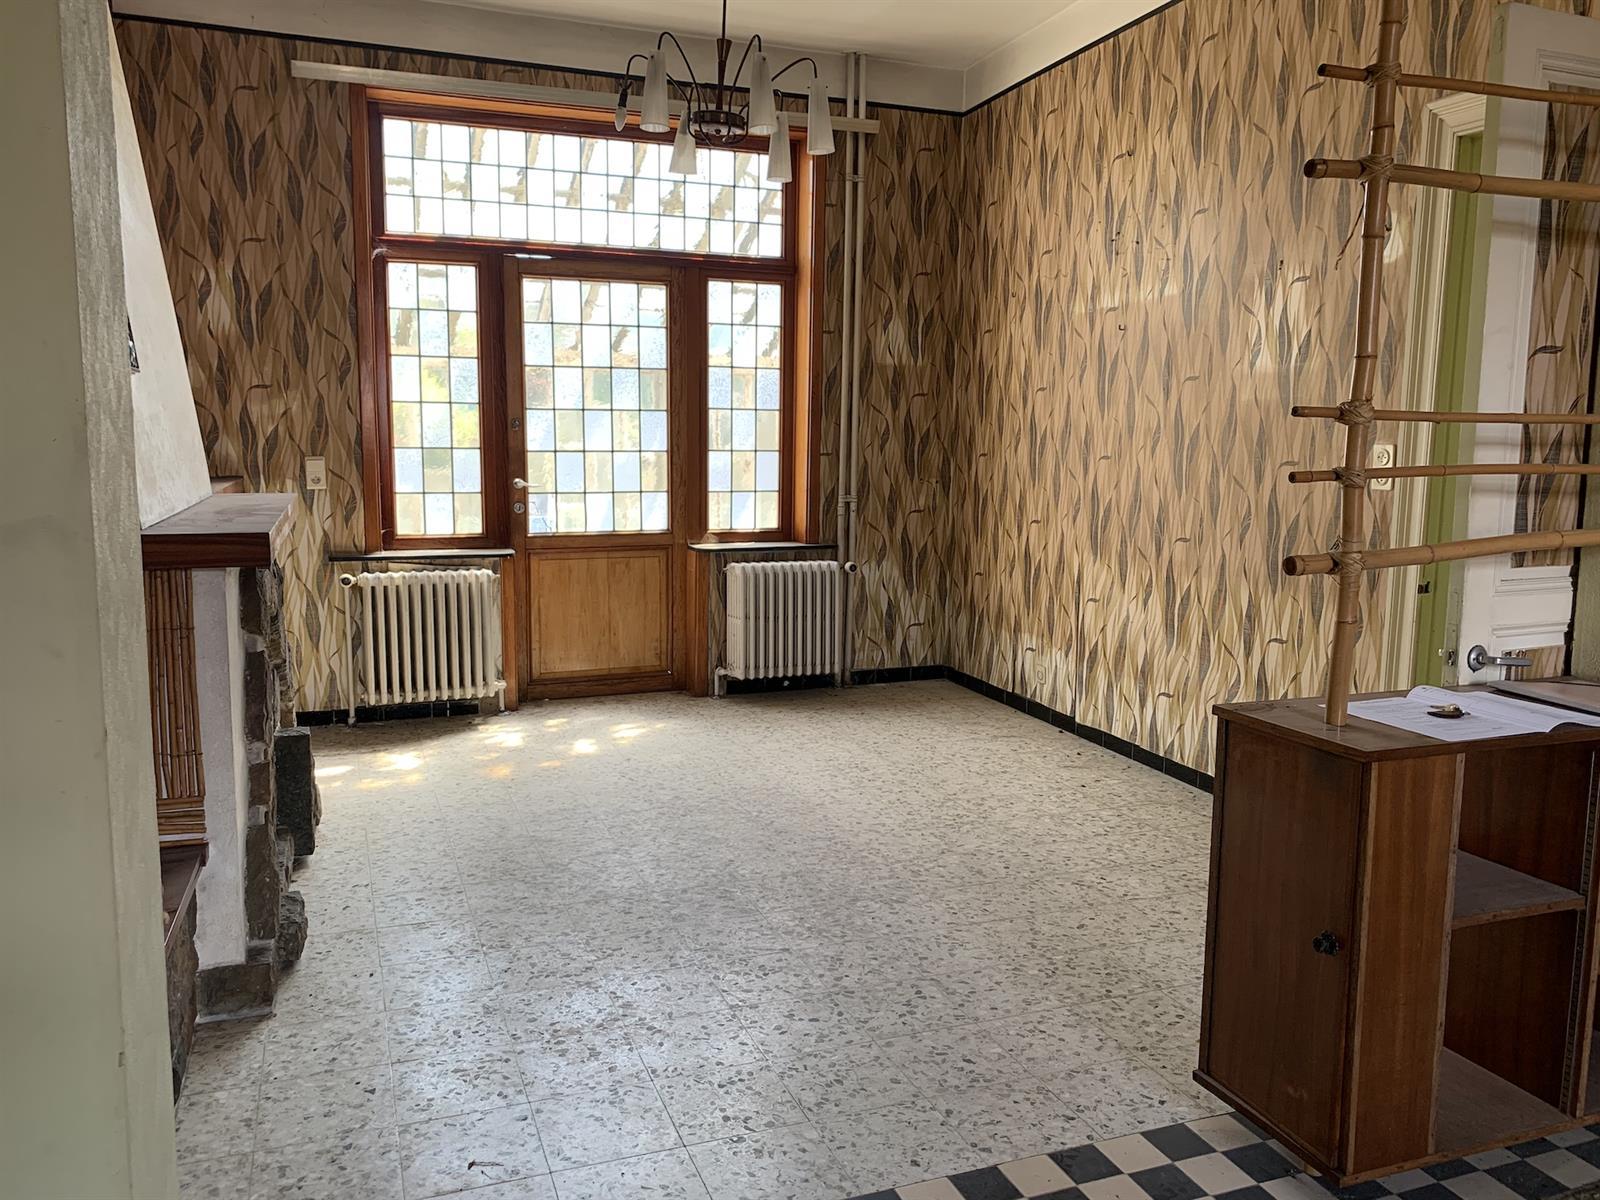 Maison de maître - Chapelle-lez-Herlaimont - #4281086-5